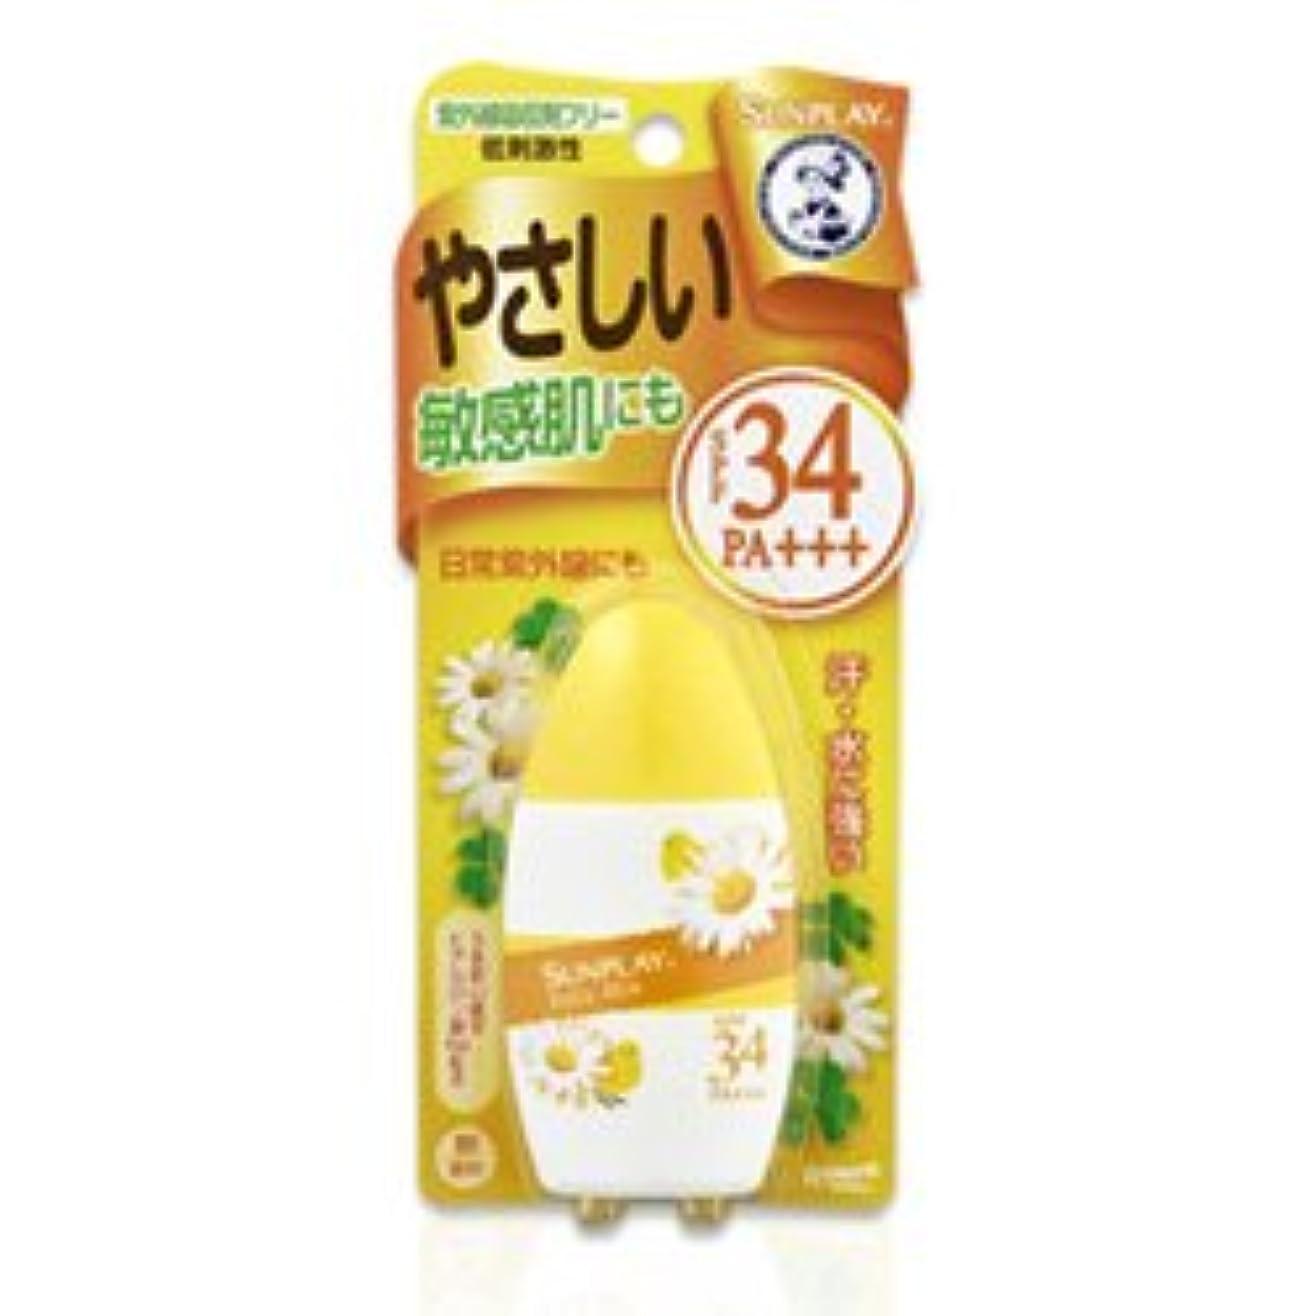 フライカイト悔い改める薄いです【ロート製薬】メンソレータム サンプレイ ベビーミルク 30g ×20個セット